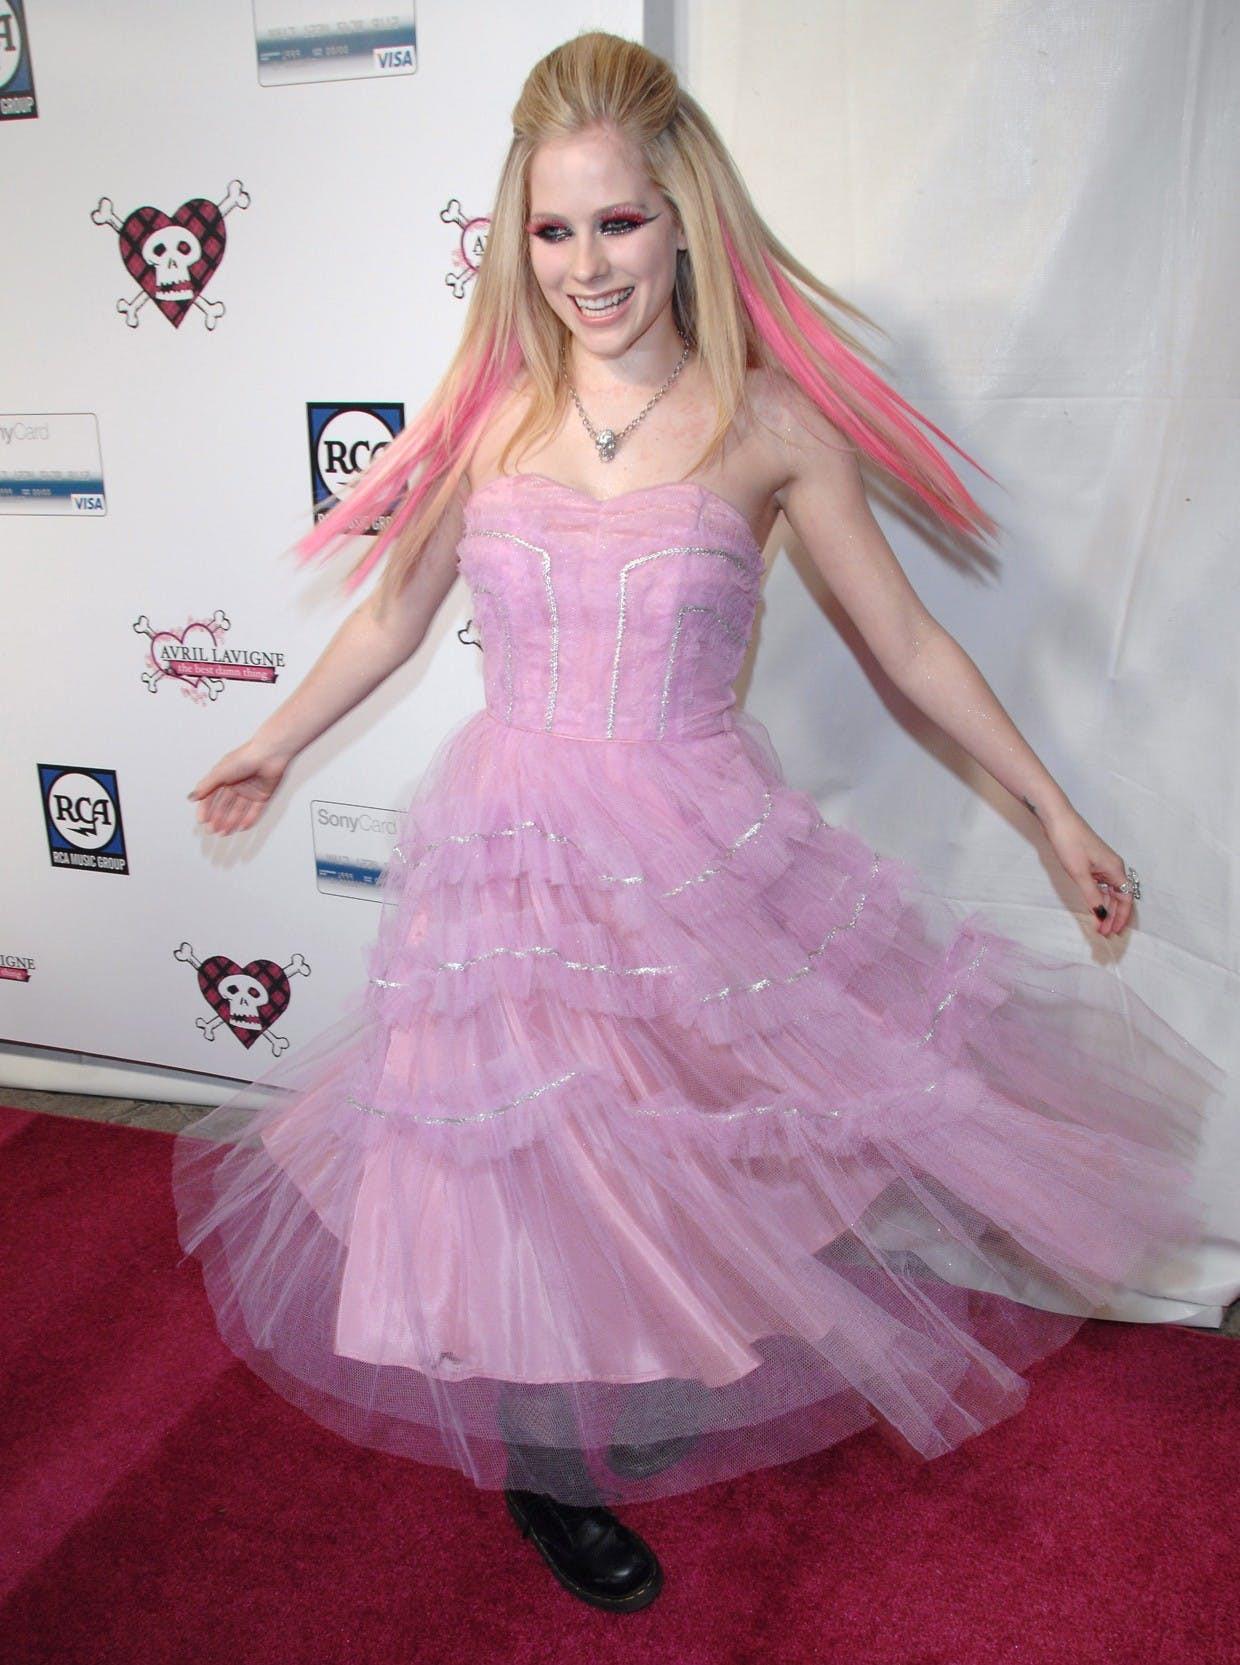 Hành trình thay đổi style của công chúa Pop-punk Avril Lavigne - 5